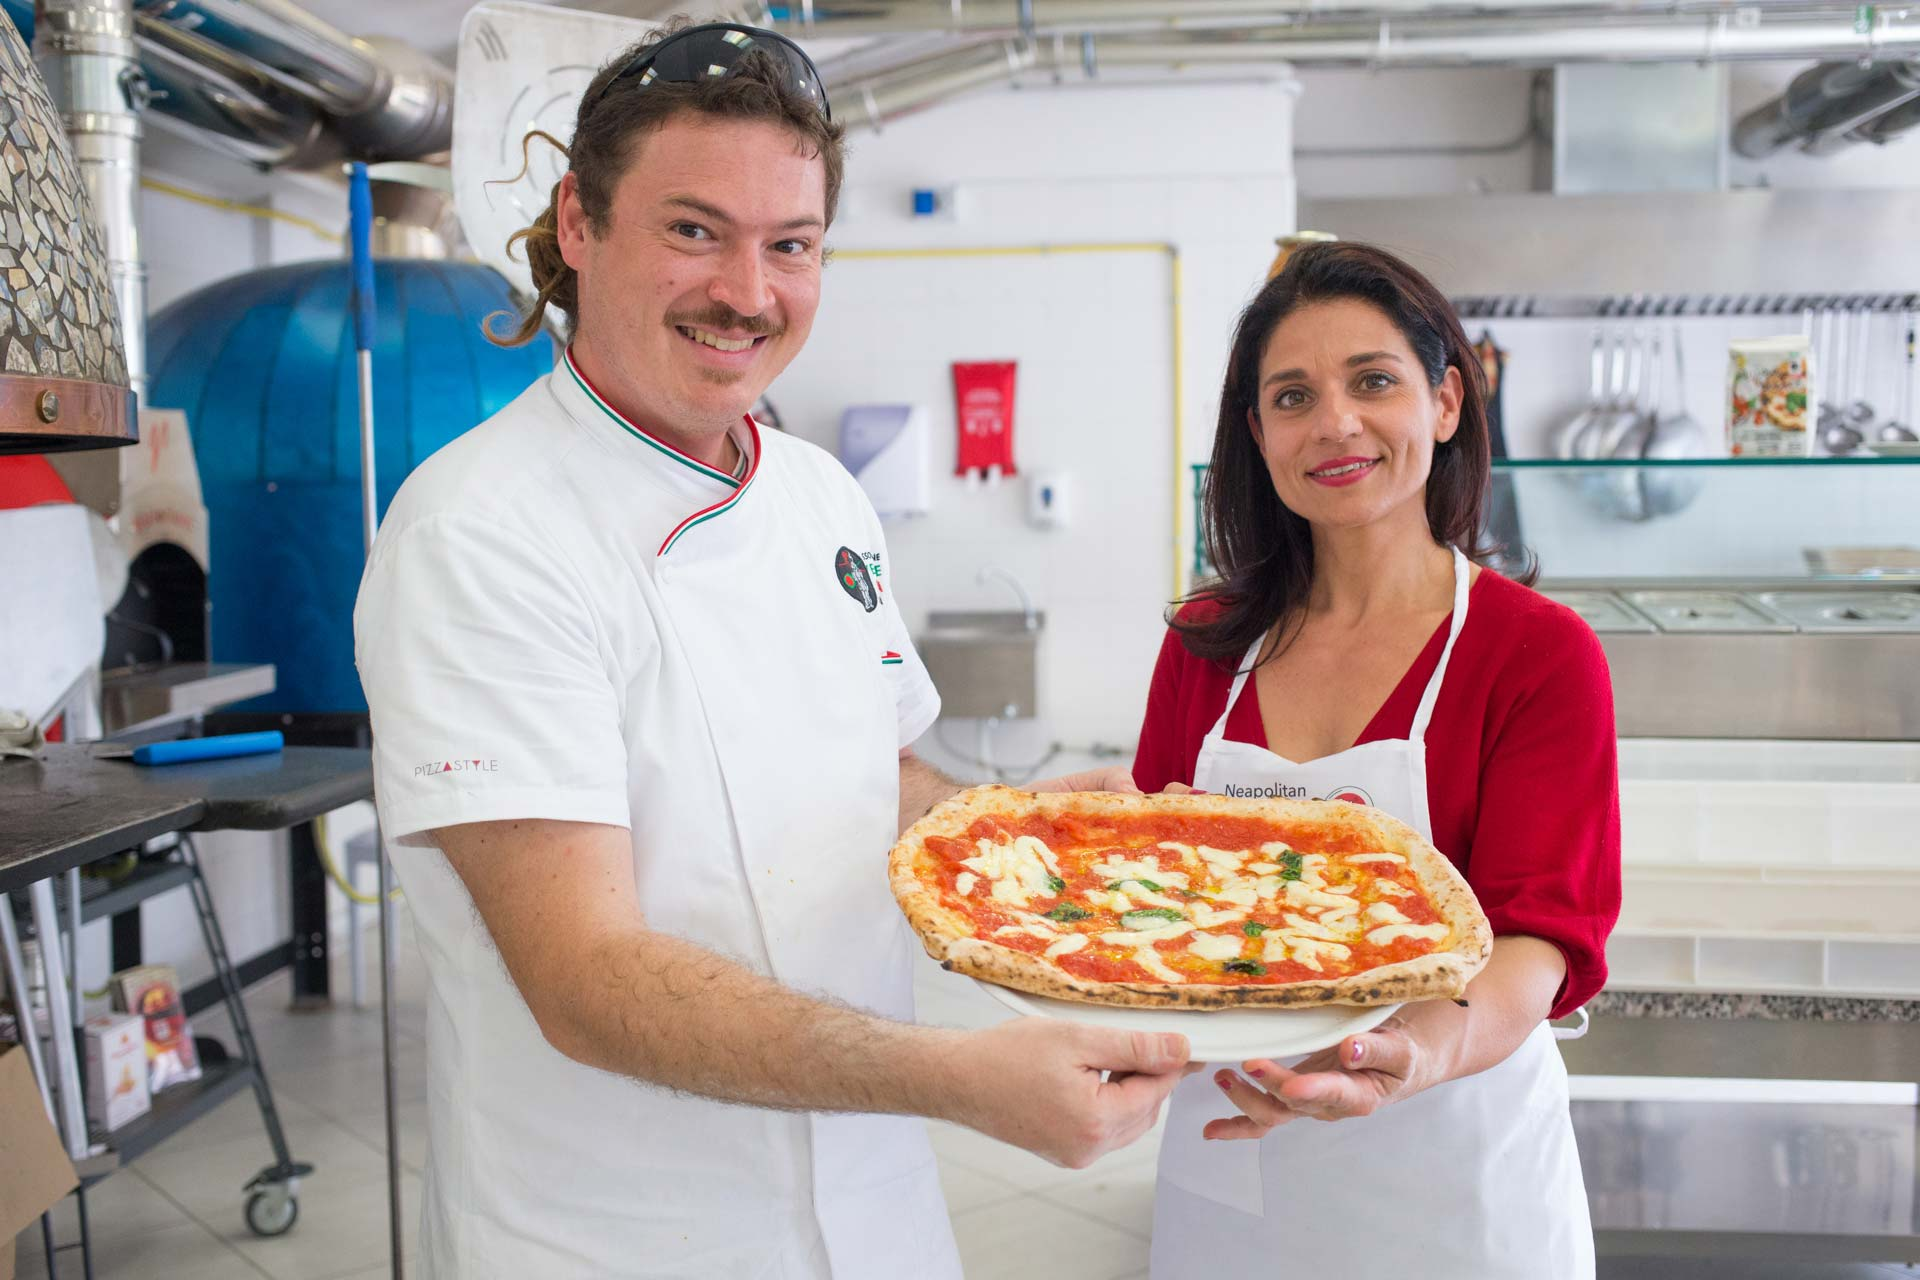 AVPN - Pizzaiolo per un giorno - Pizza cotta nel forno a legna